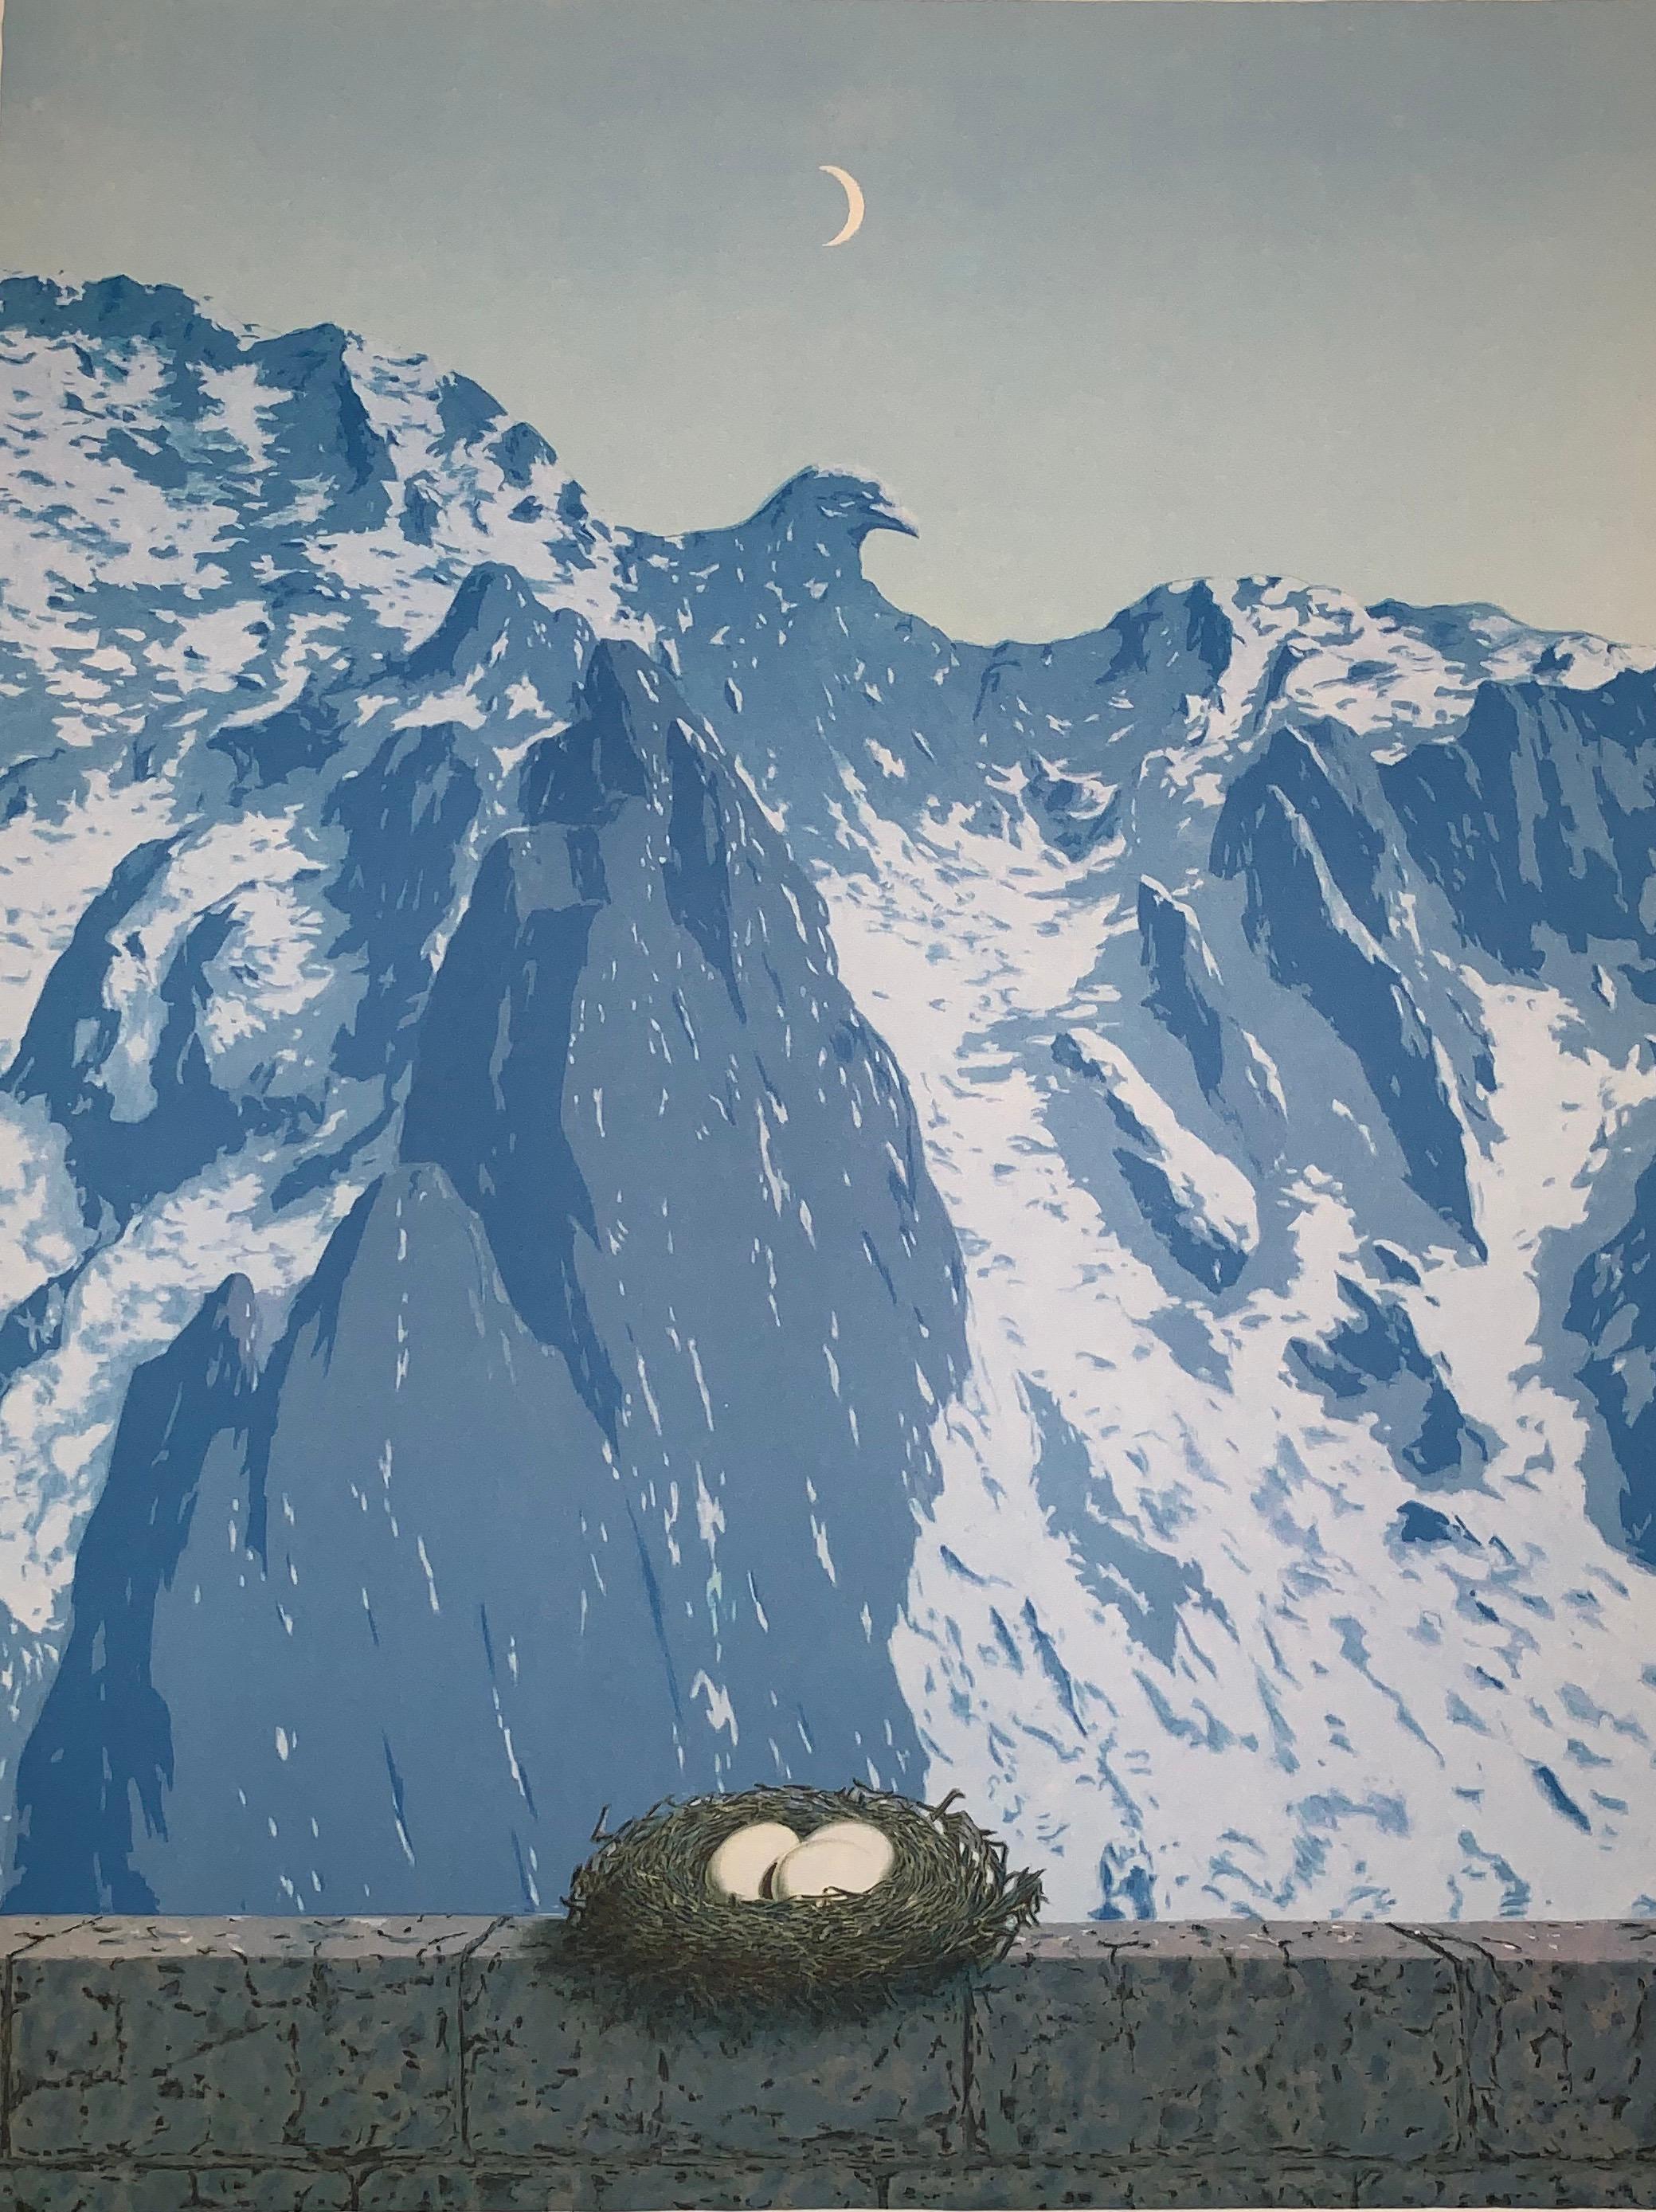 Le Domaine d'Arnheim - 20th Century, Surrealist, Lithograph, Figurative Print